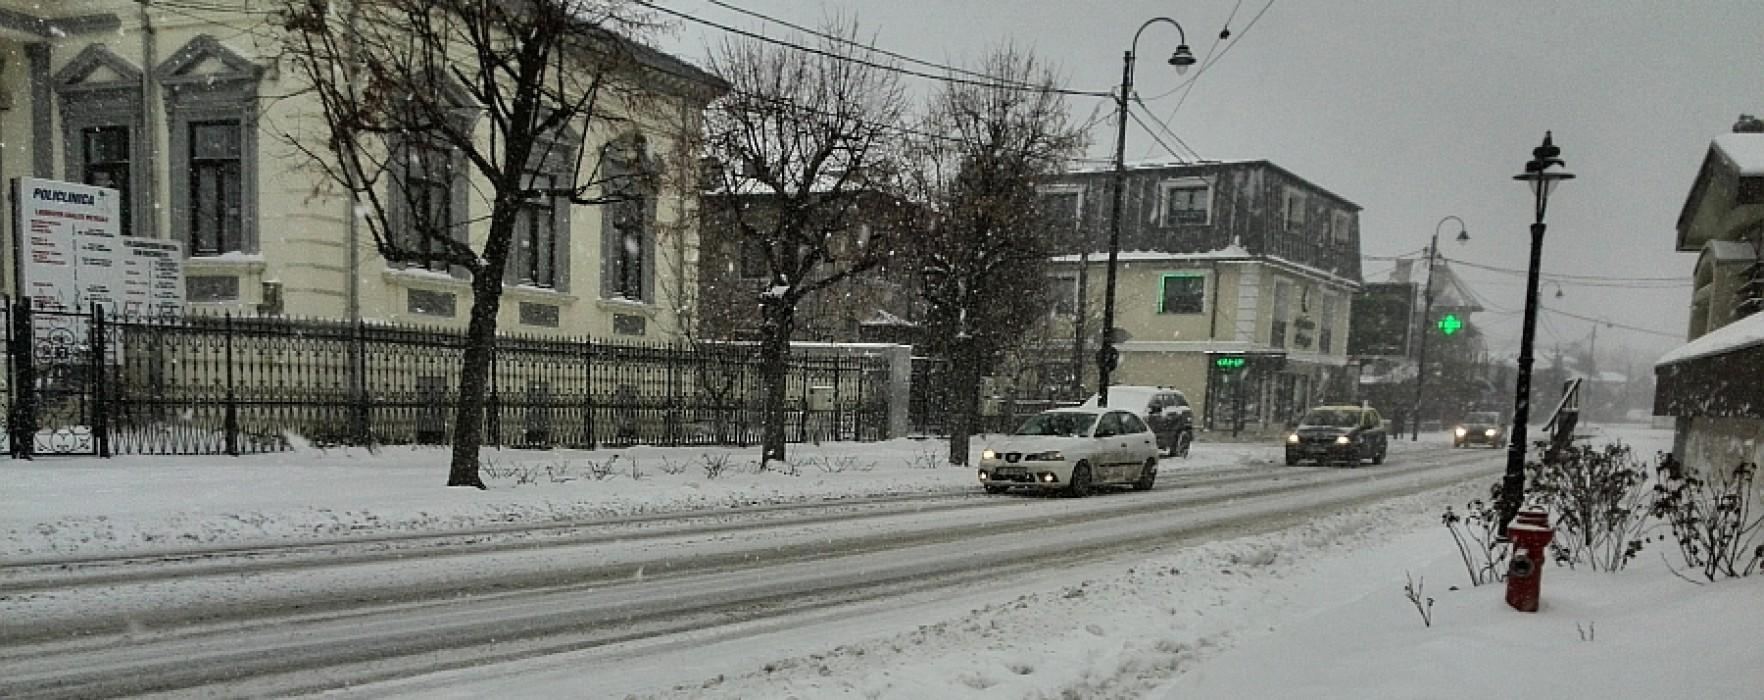 Un drum judeţean mai este închis în Dâmboviţa, alte trei blocate